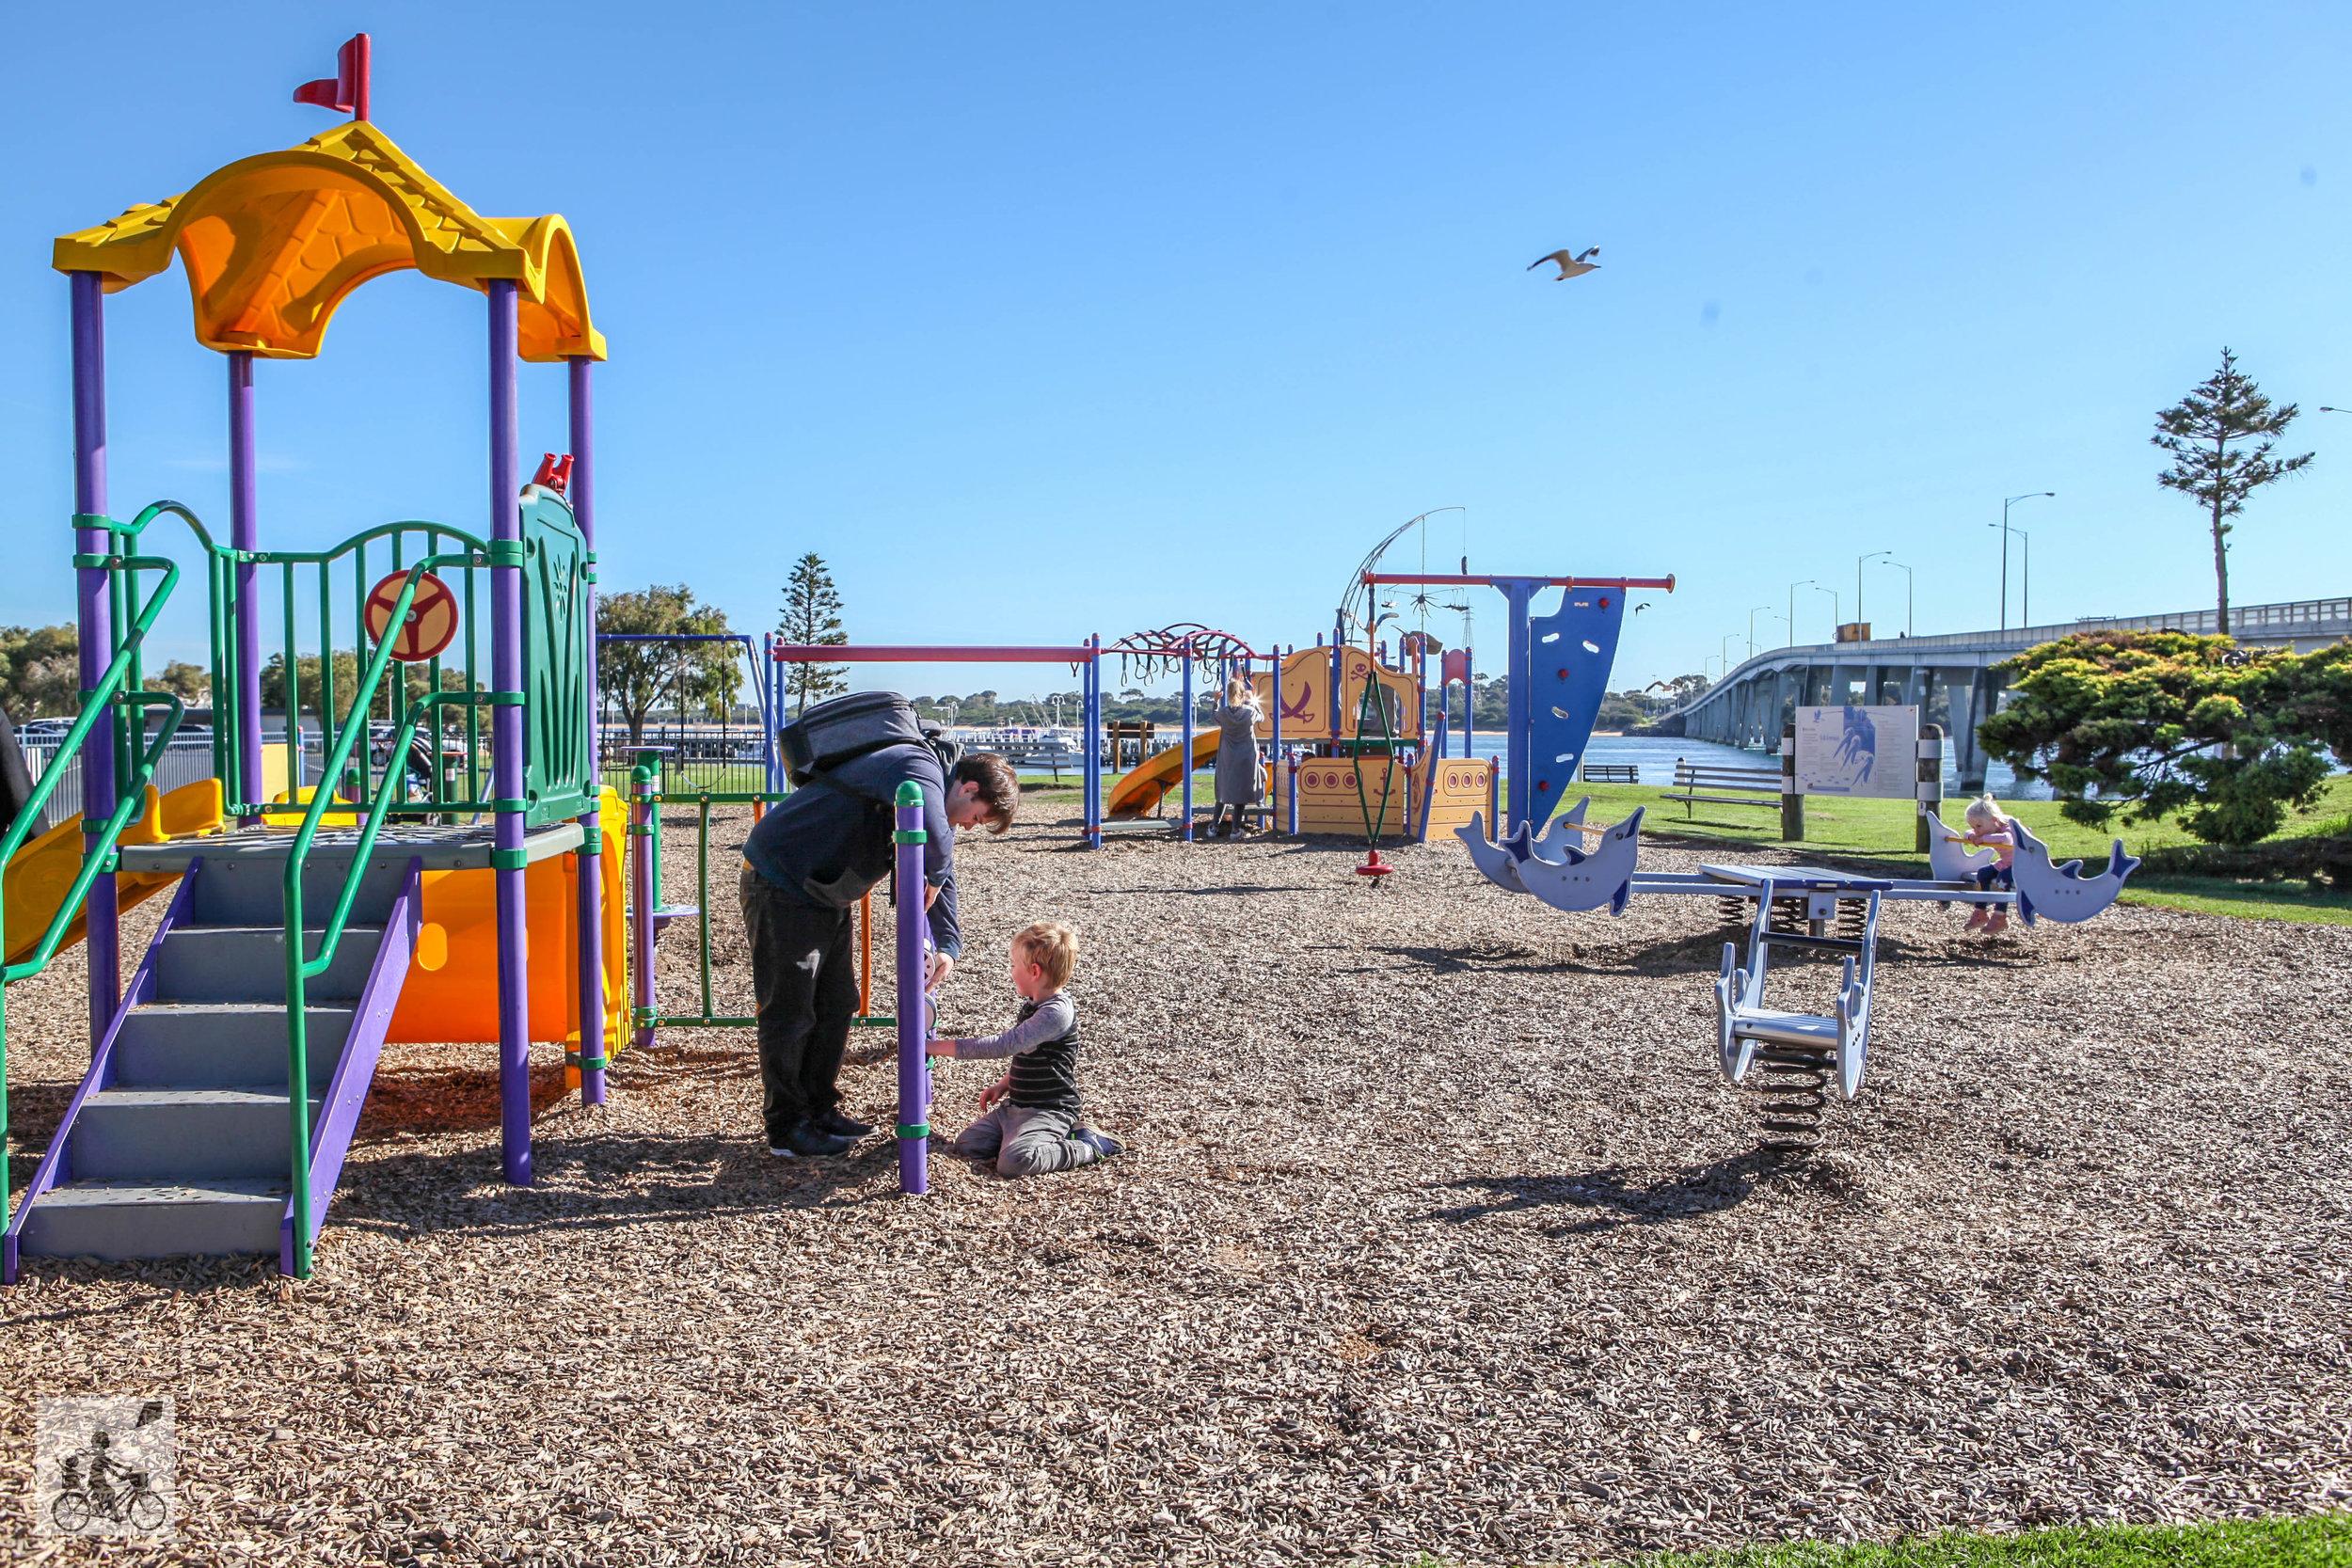 Richard Grayden Park Playground - Mamma Knows South (8 of 19).jpg